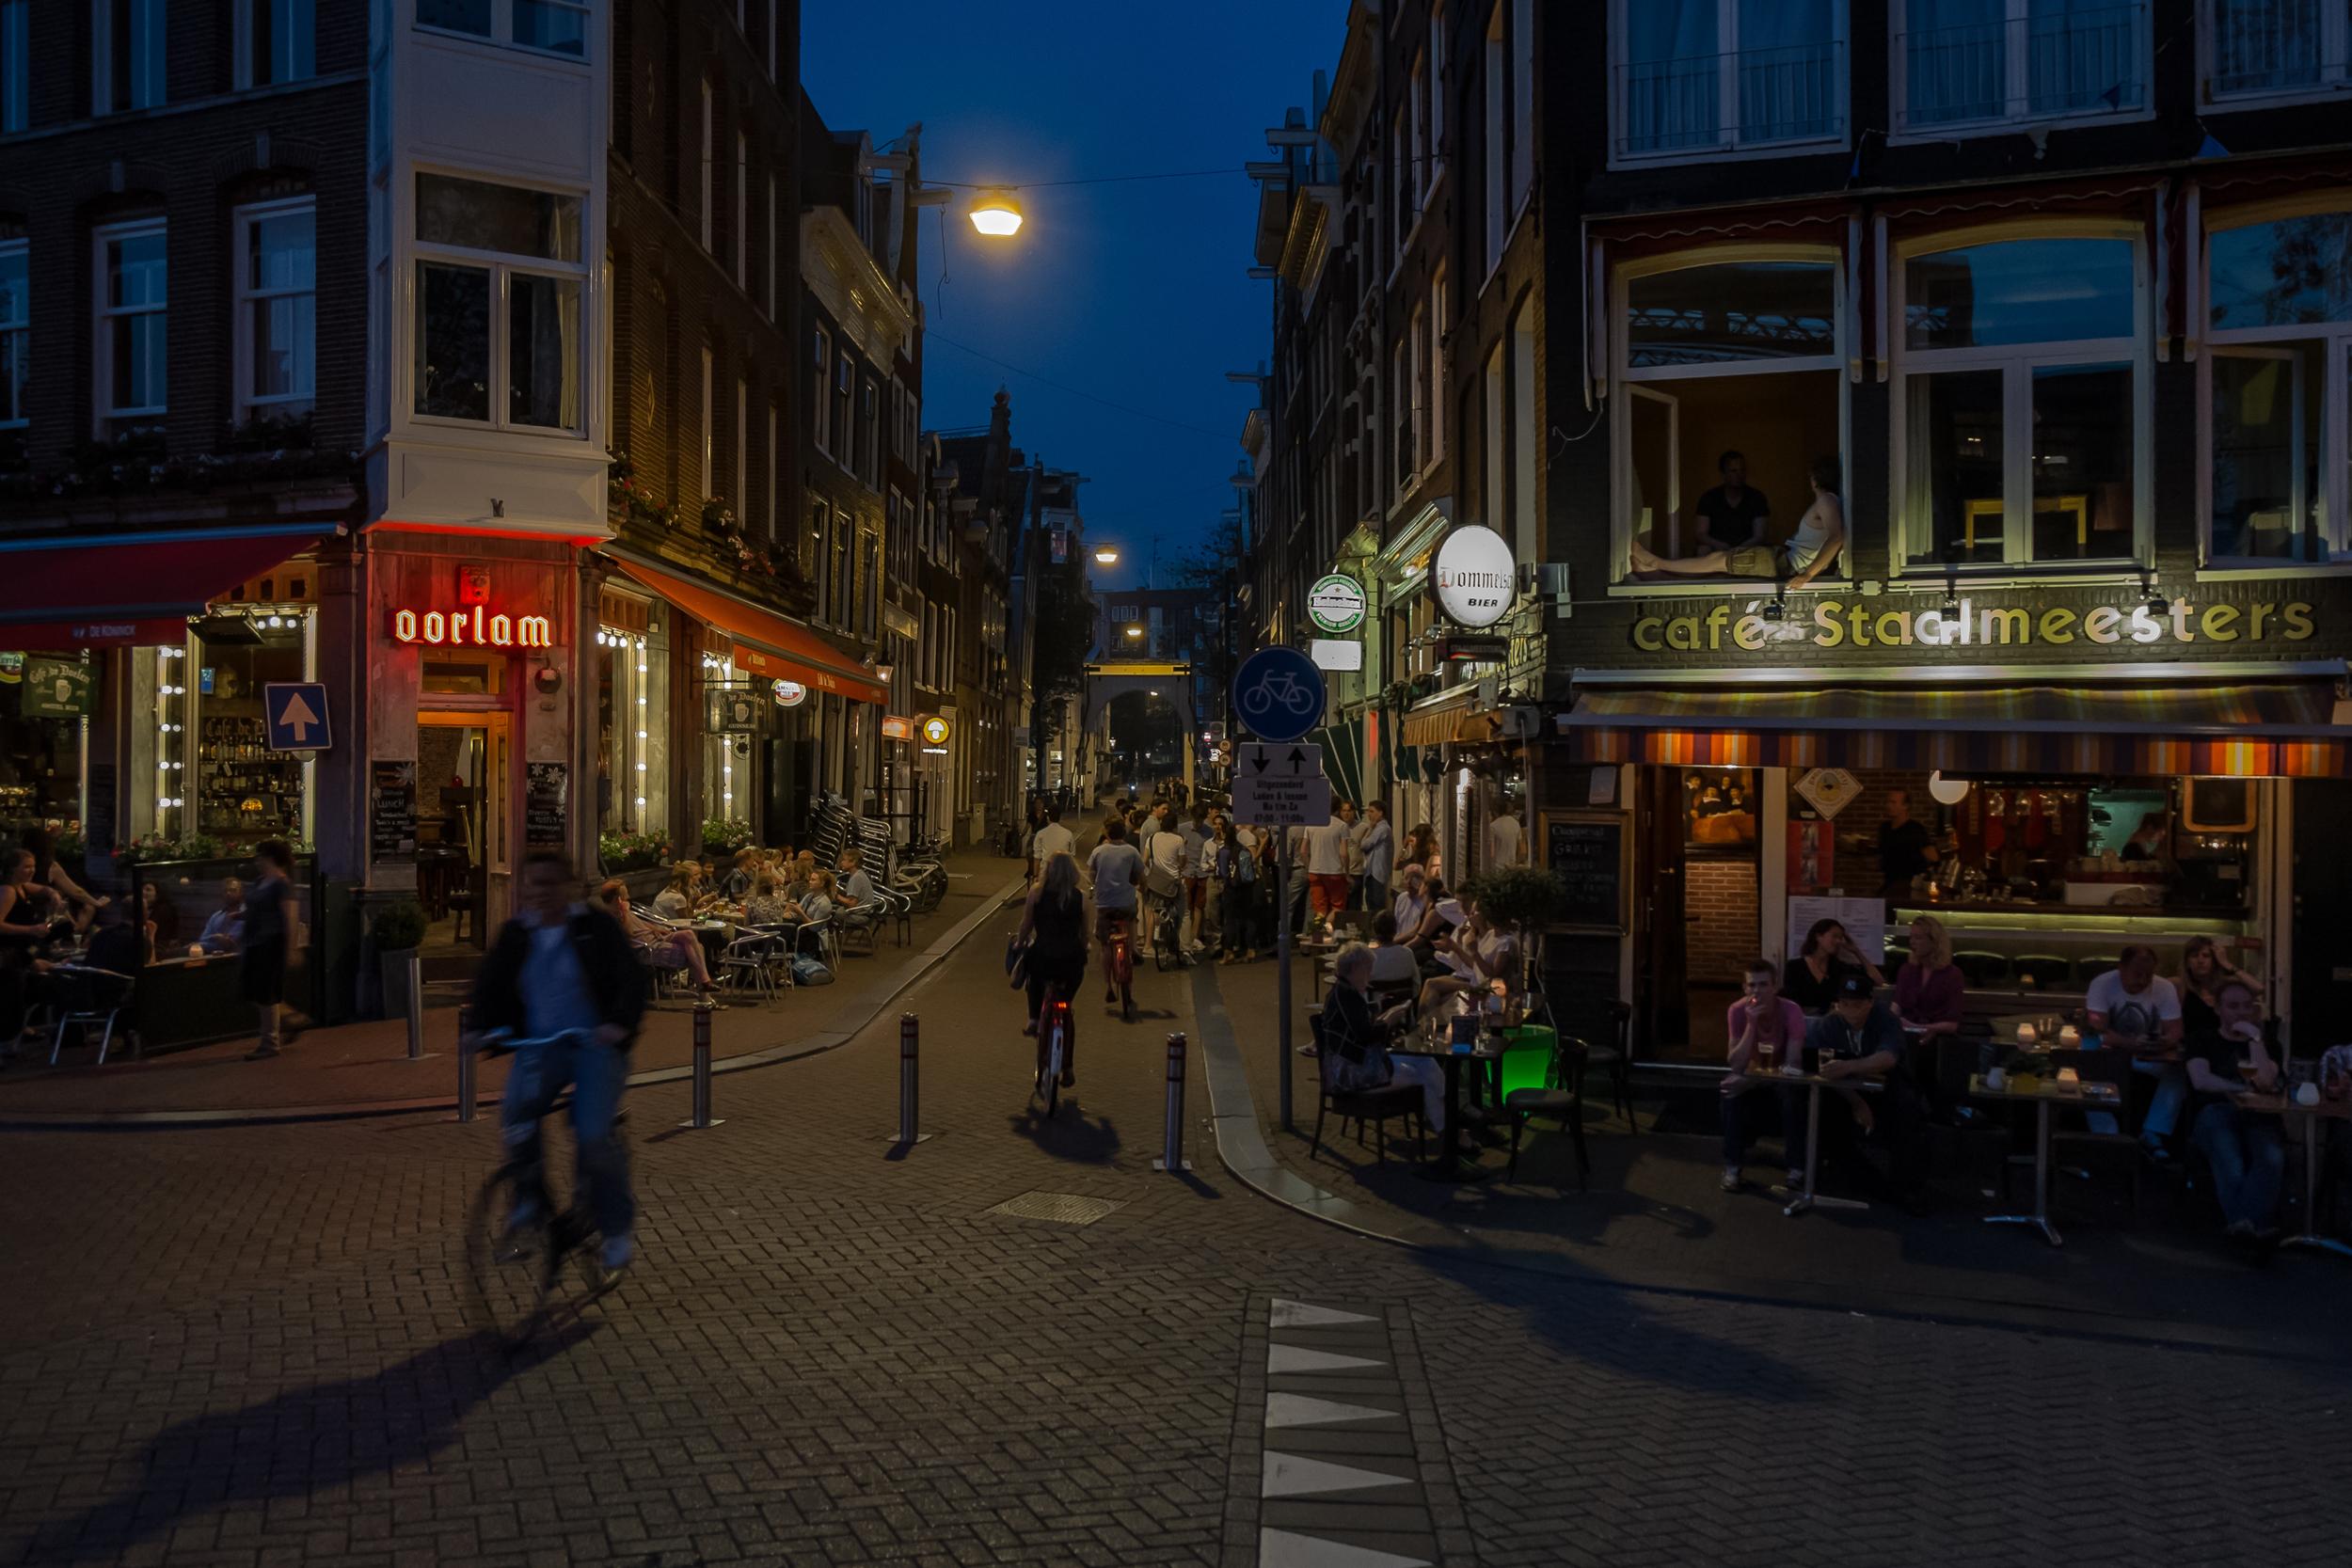 Amsterdam-CafeStaalmeesters-20130618-DSCF0681.jpg